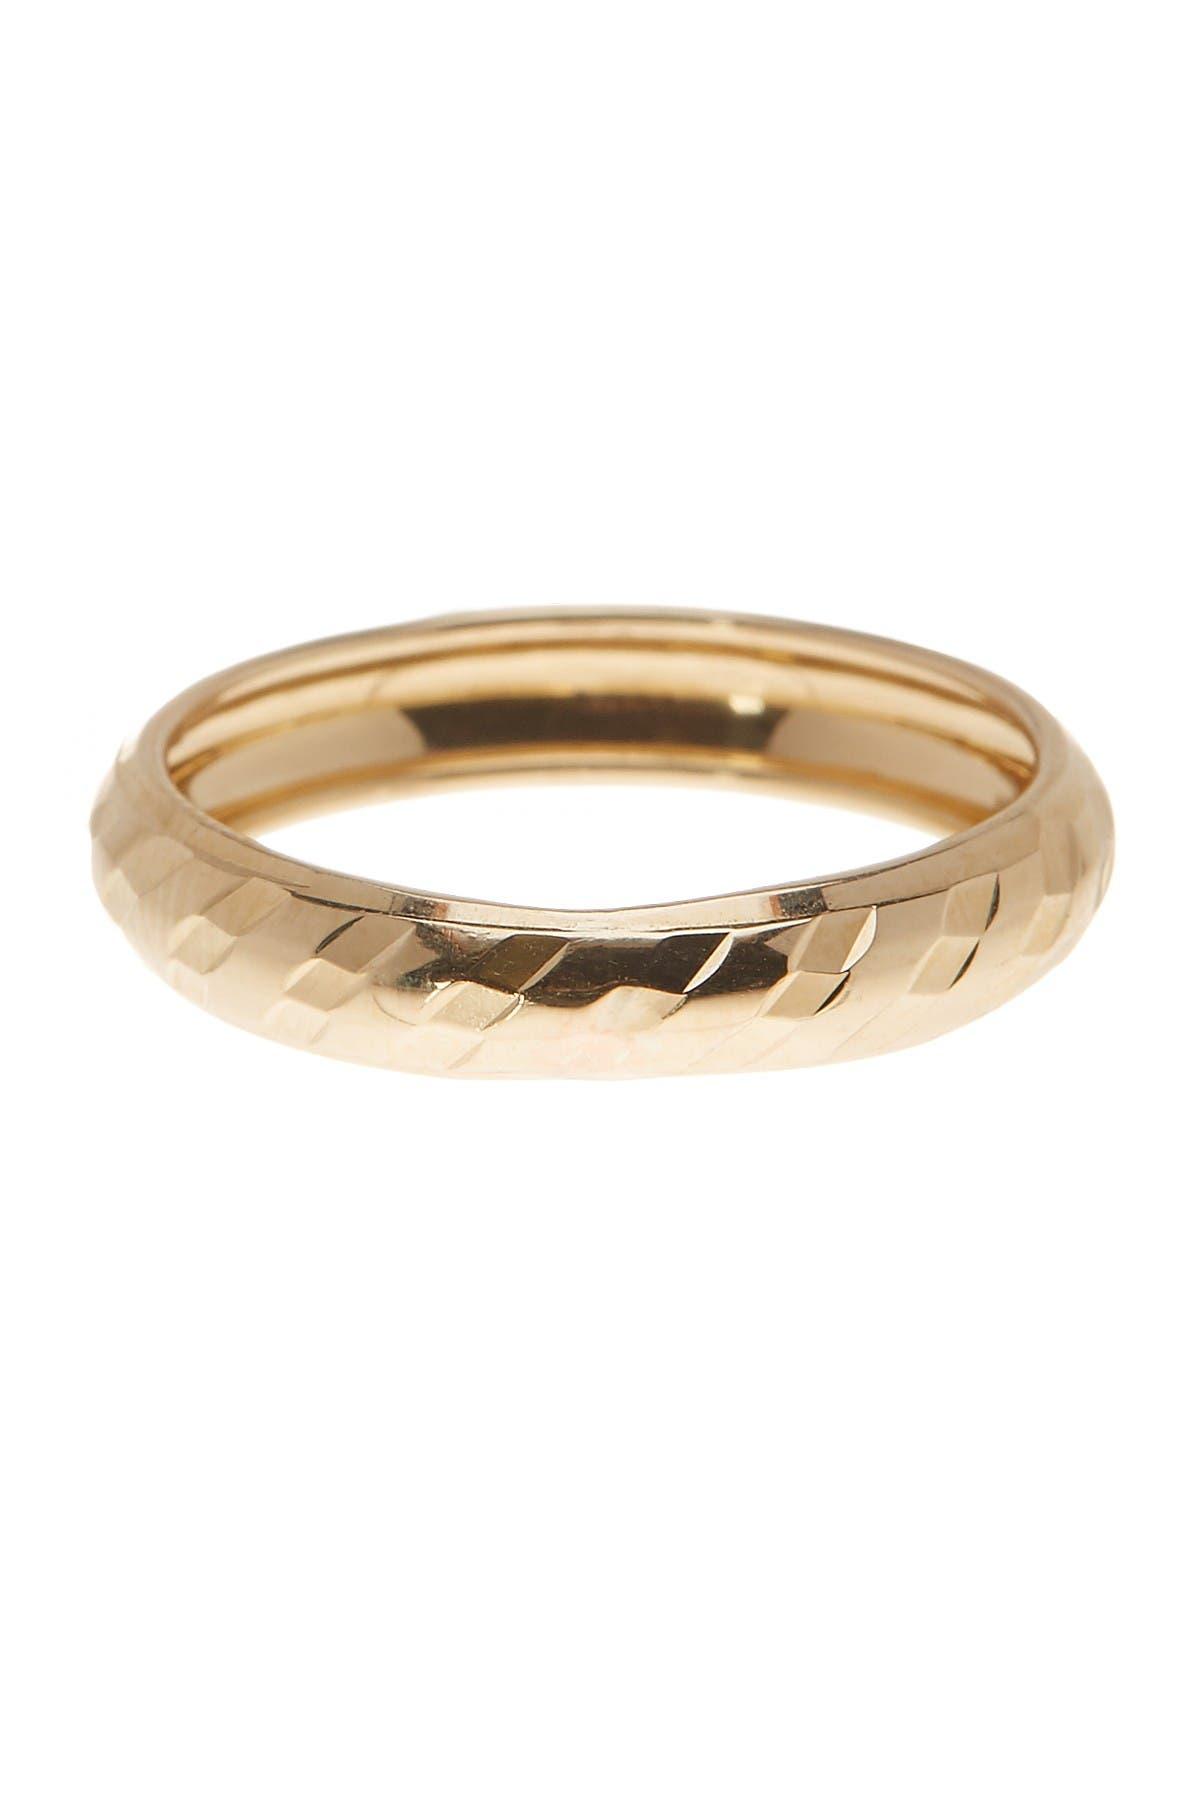 Image of KARAT RUSH 10K Yellow Gold Textured Band Ring